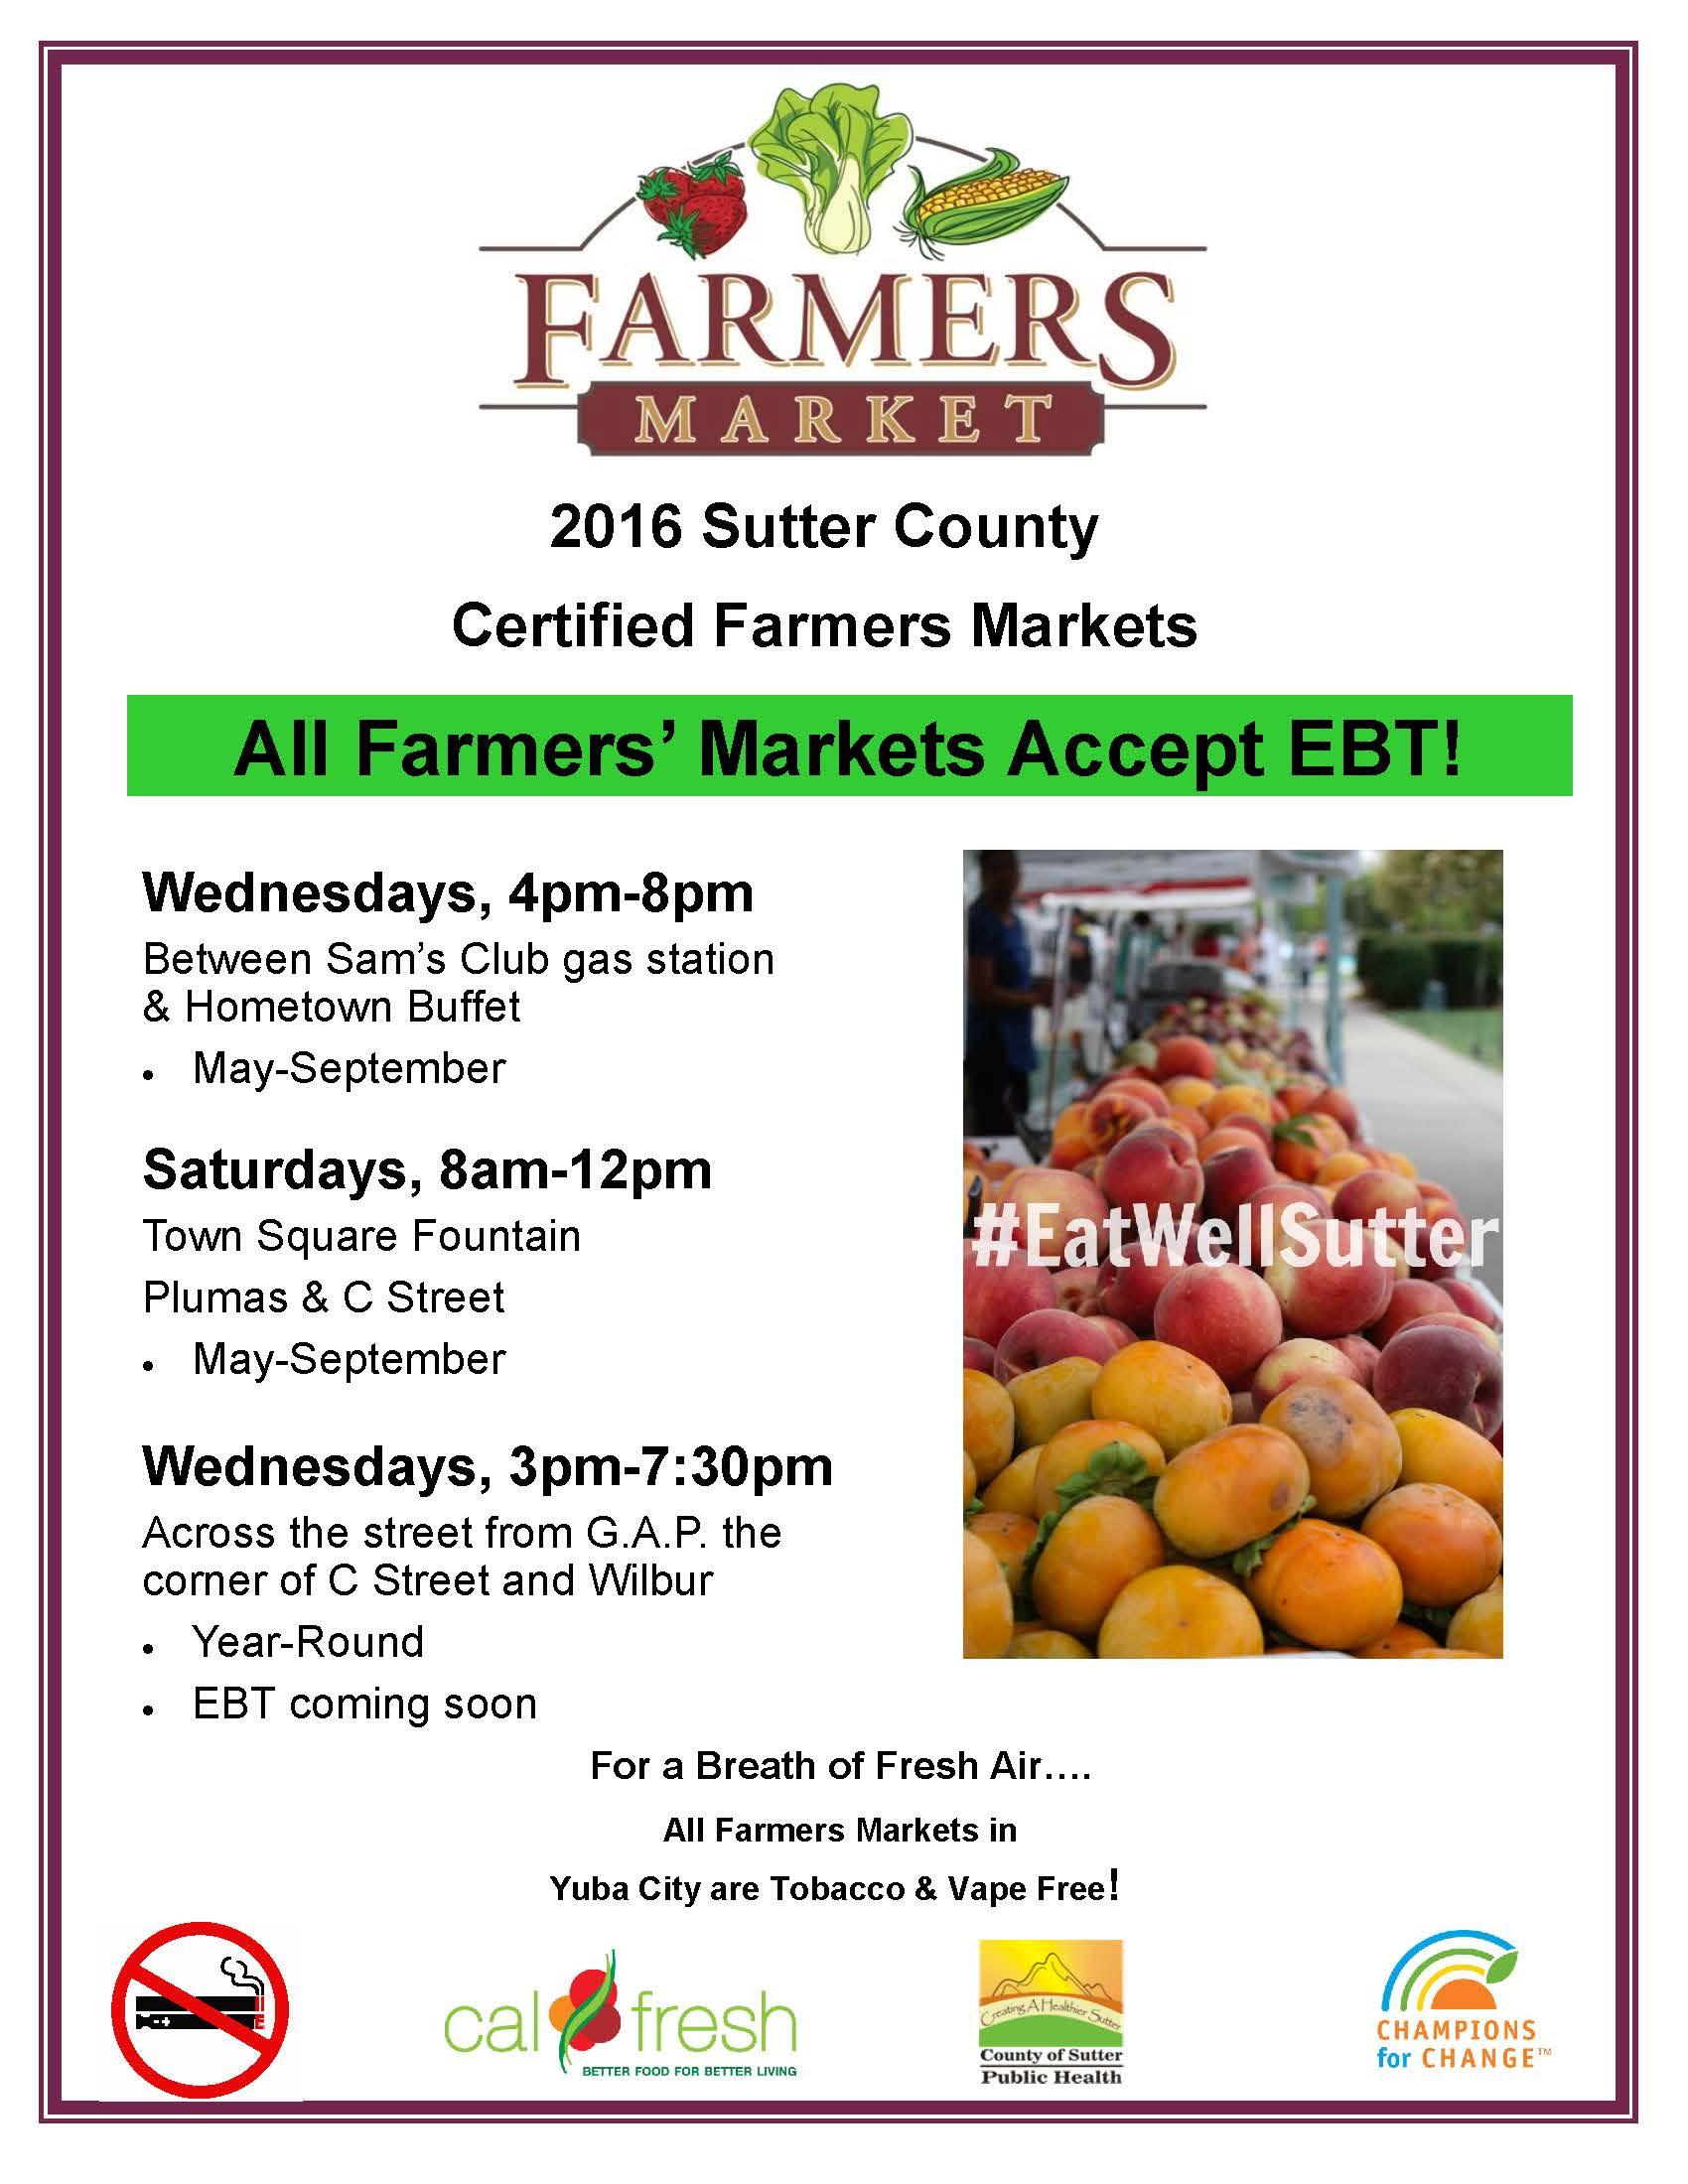 2016 Farmers Market Flyer